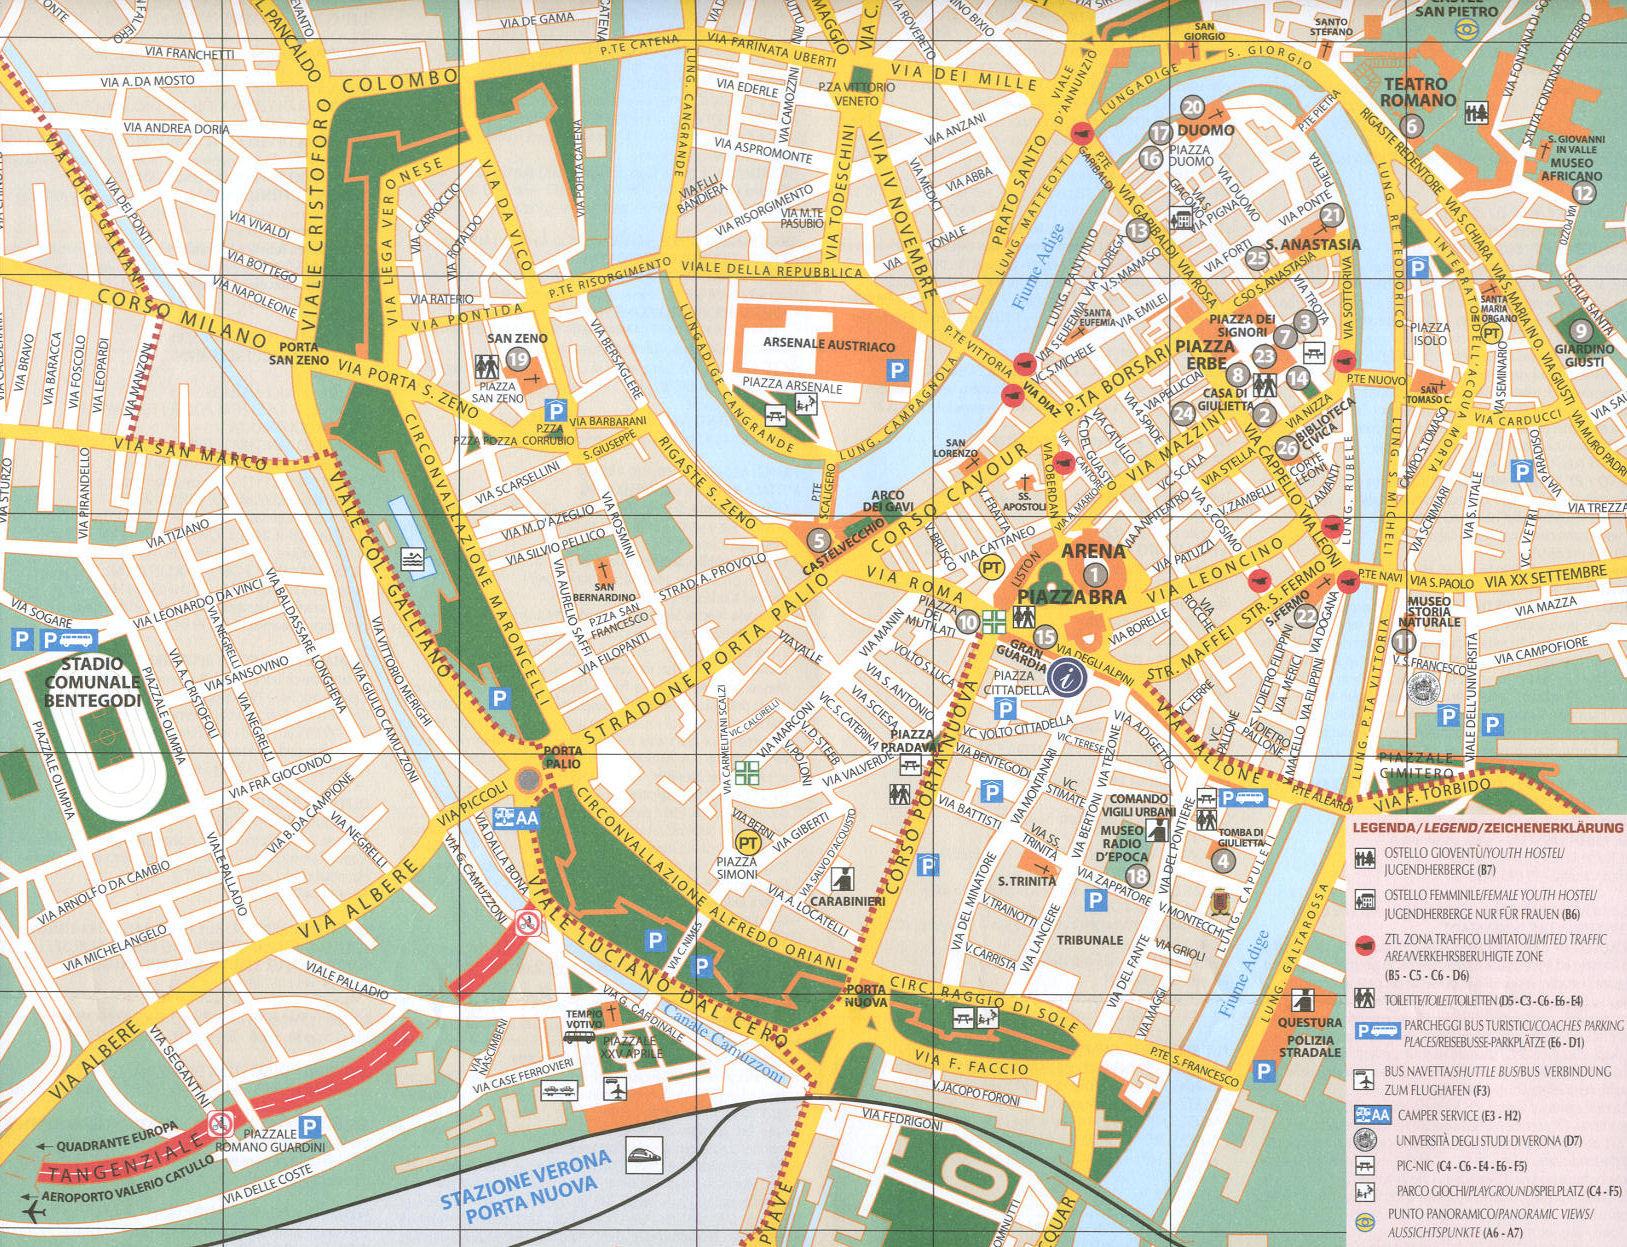 Cartina Verona.Cartina Di Verona